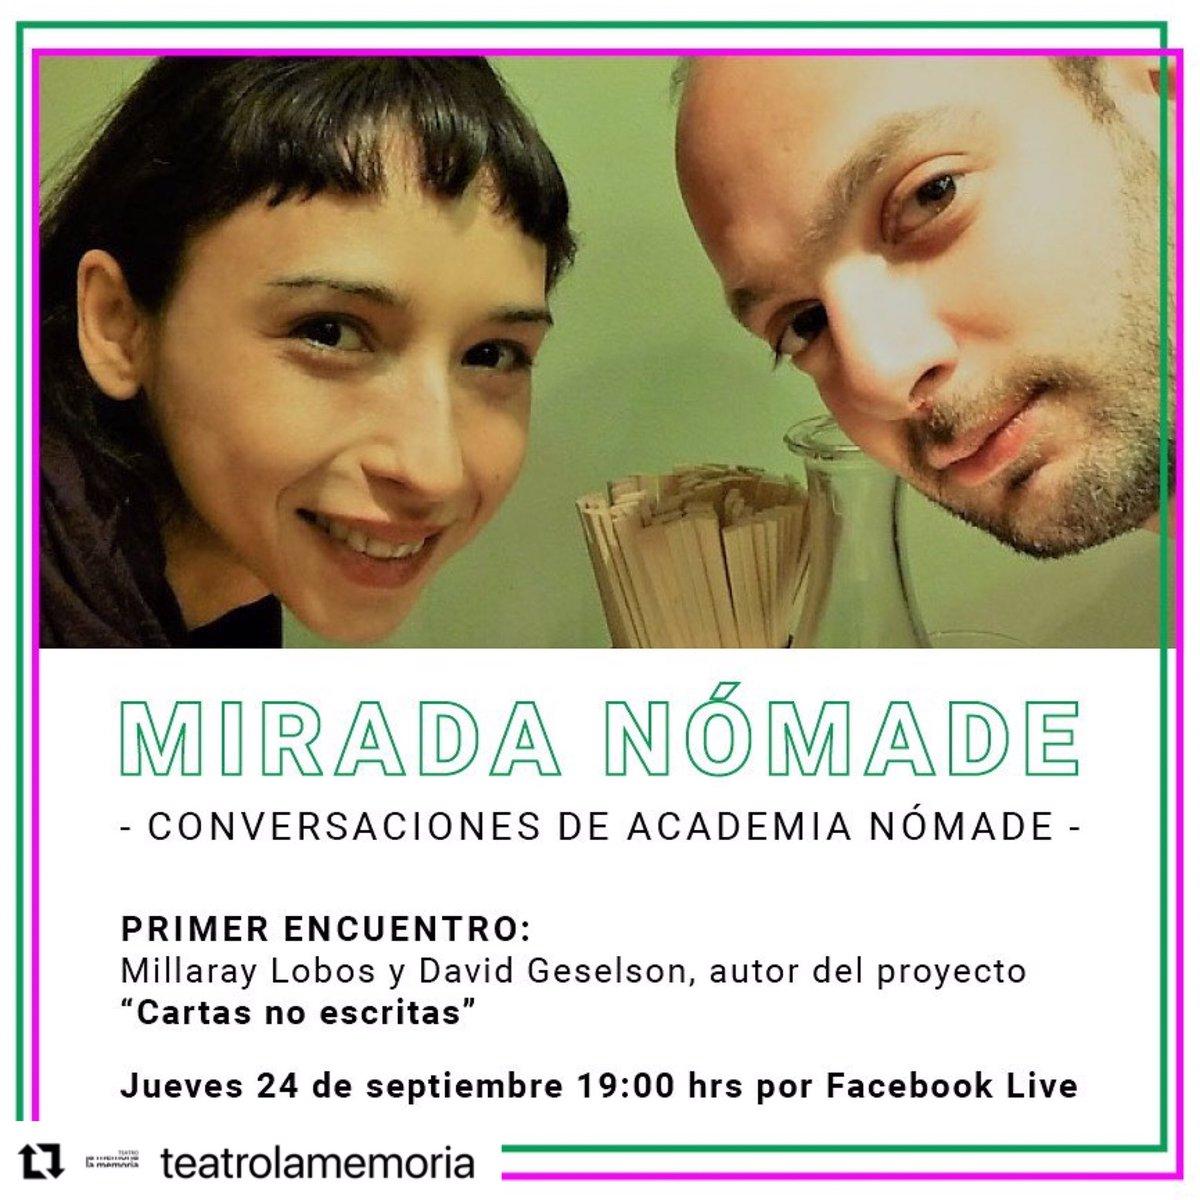 El Instituto Francés de Chile recomienda 👇  📆 Hoy 24 de septiembre a las 19hrs por Facebook Live Teatro de la Memoria https://t.co/77D54oA51B